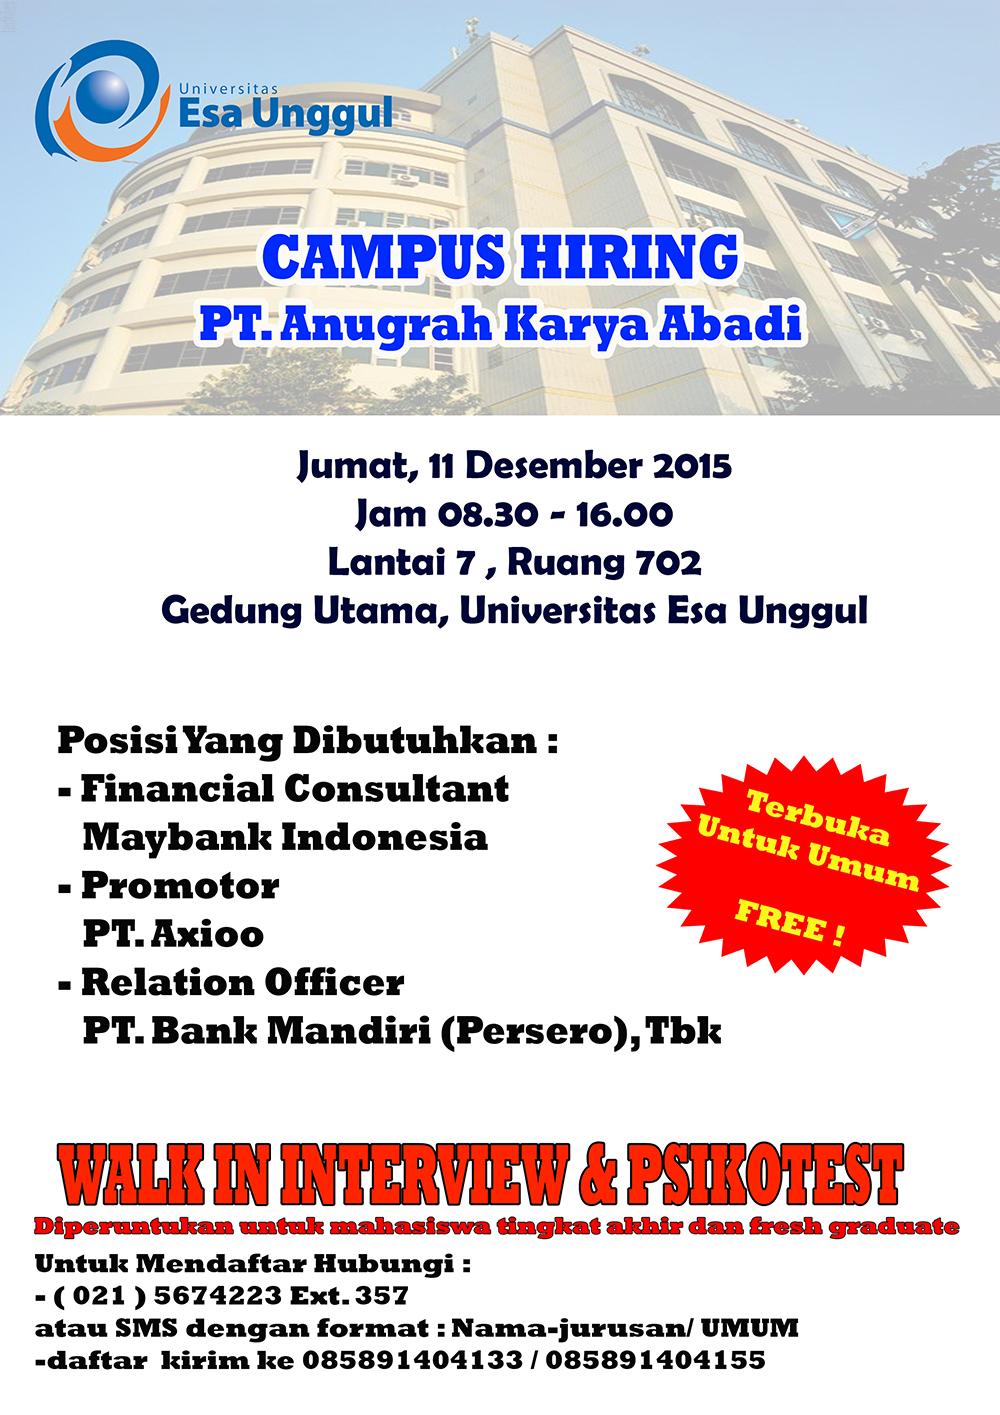 Campus Hiring PT. Anugrah Karya Abadi